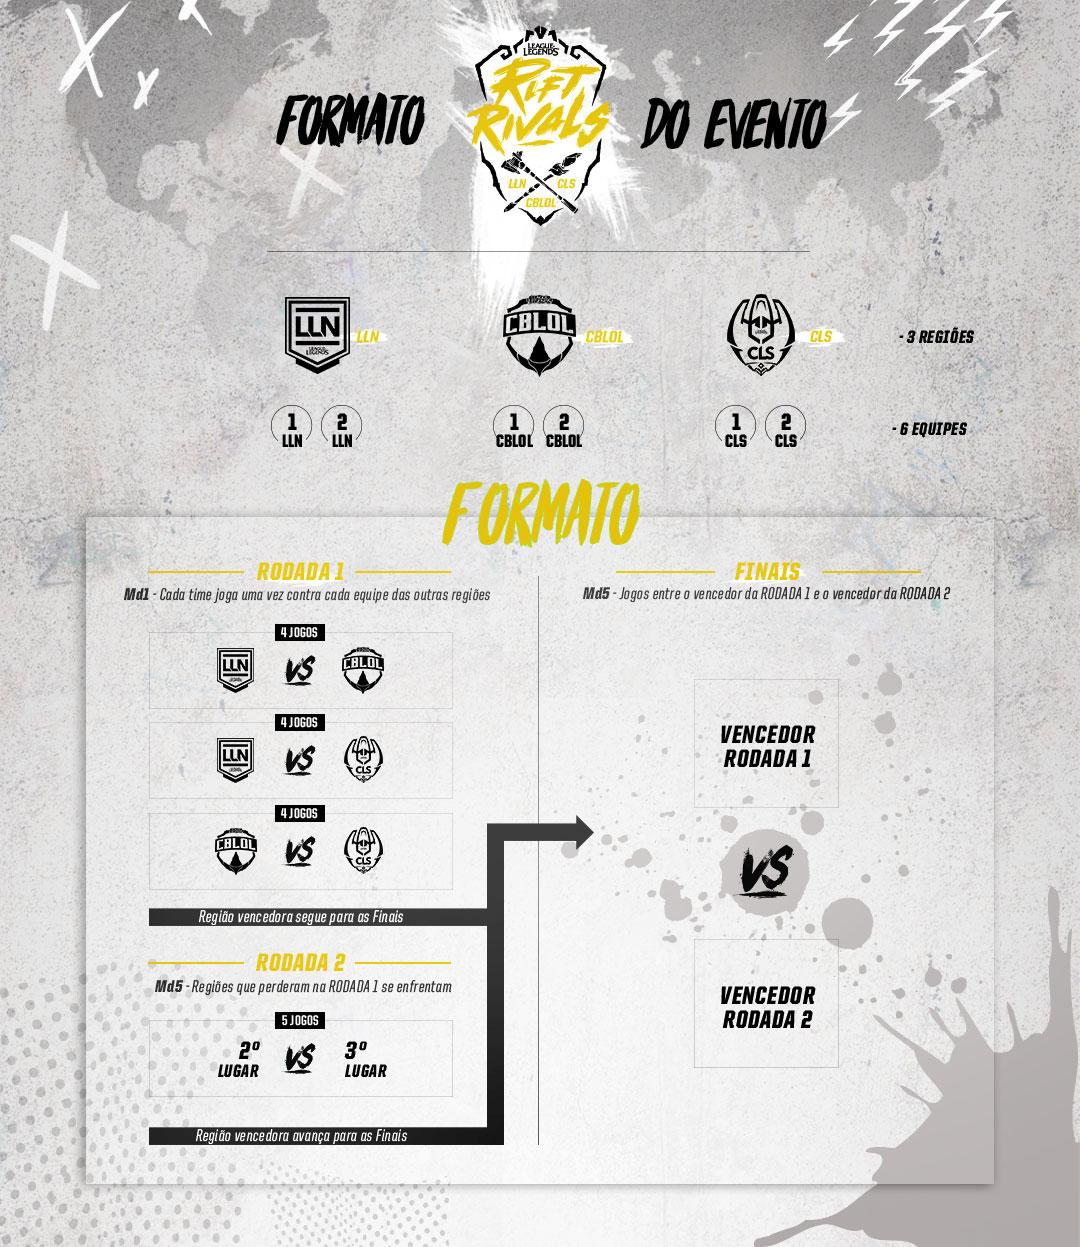 Vencedores da primeira e segunda rodada se enfrentam na final. (Imagem: Riot Games/ lolesports.com)